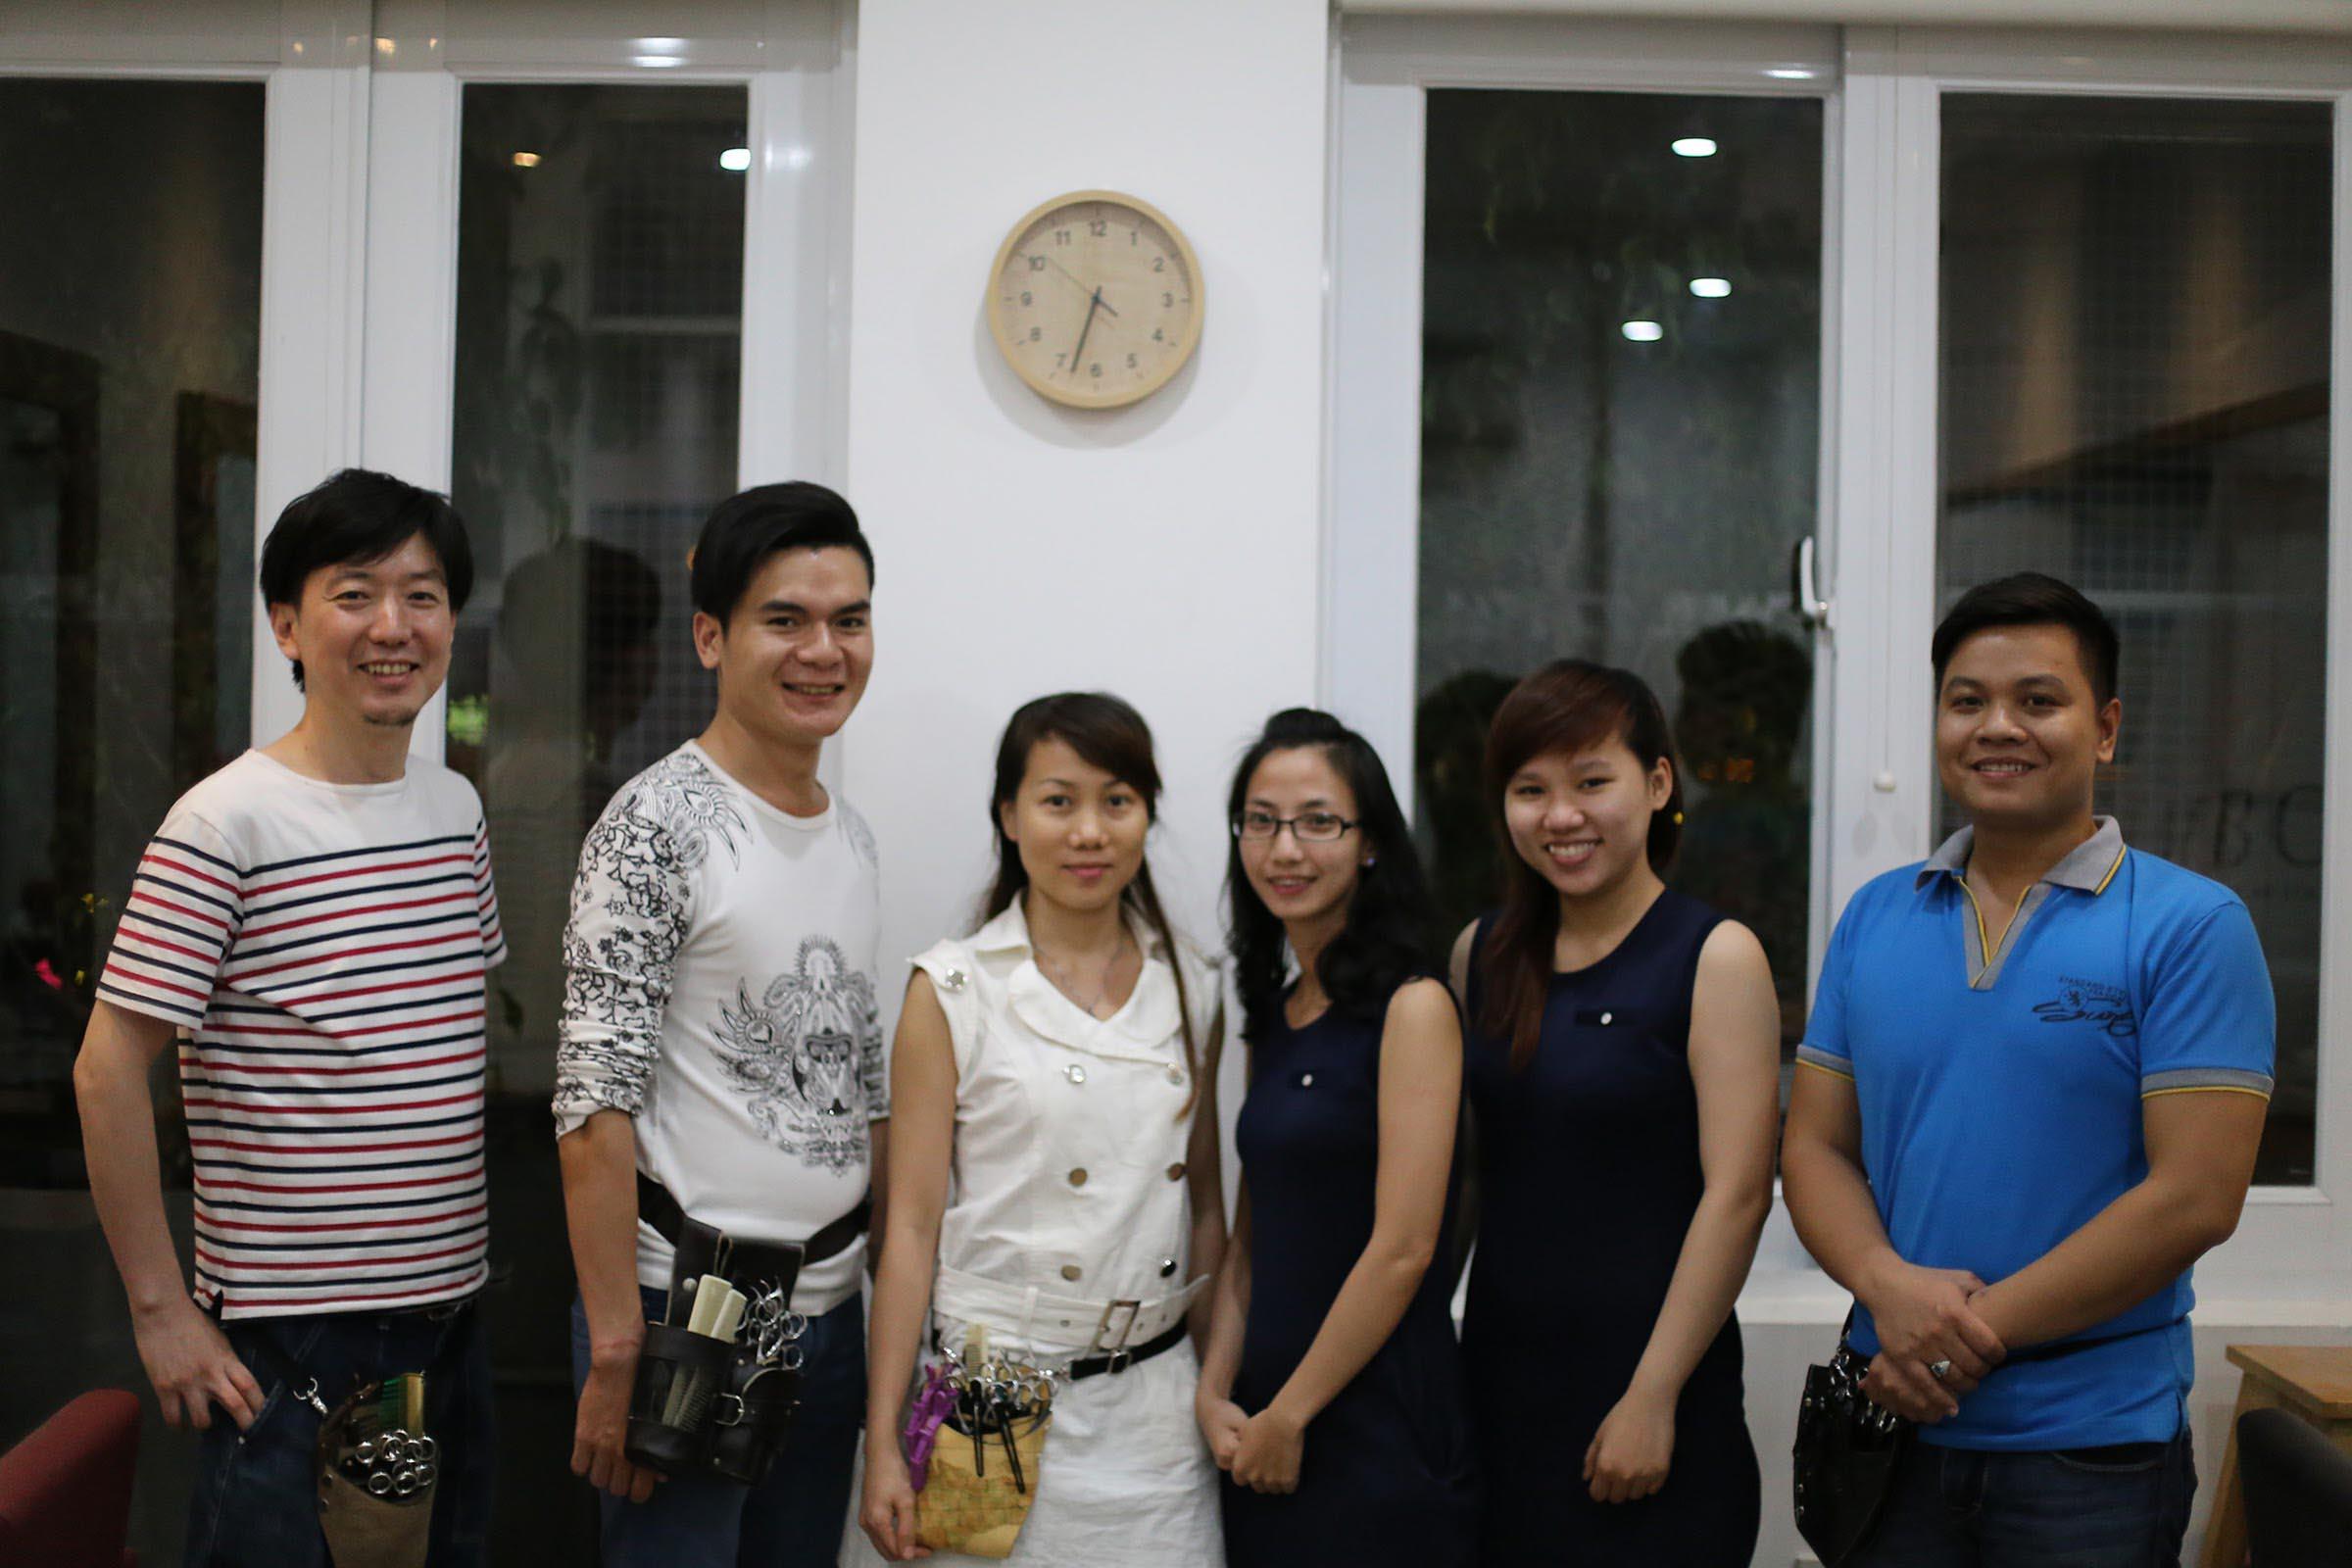 ベトナム アンブー 海外美容師 日本人美容師 スタイリスト募集